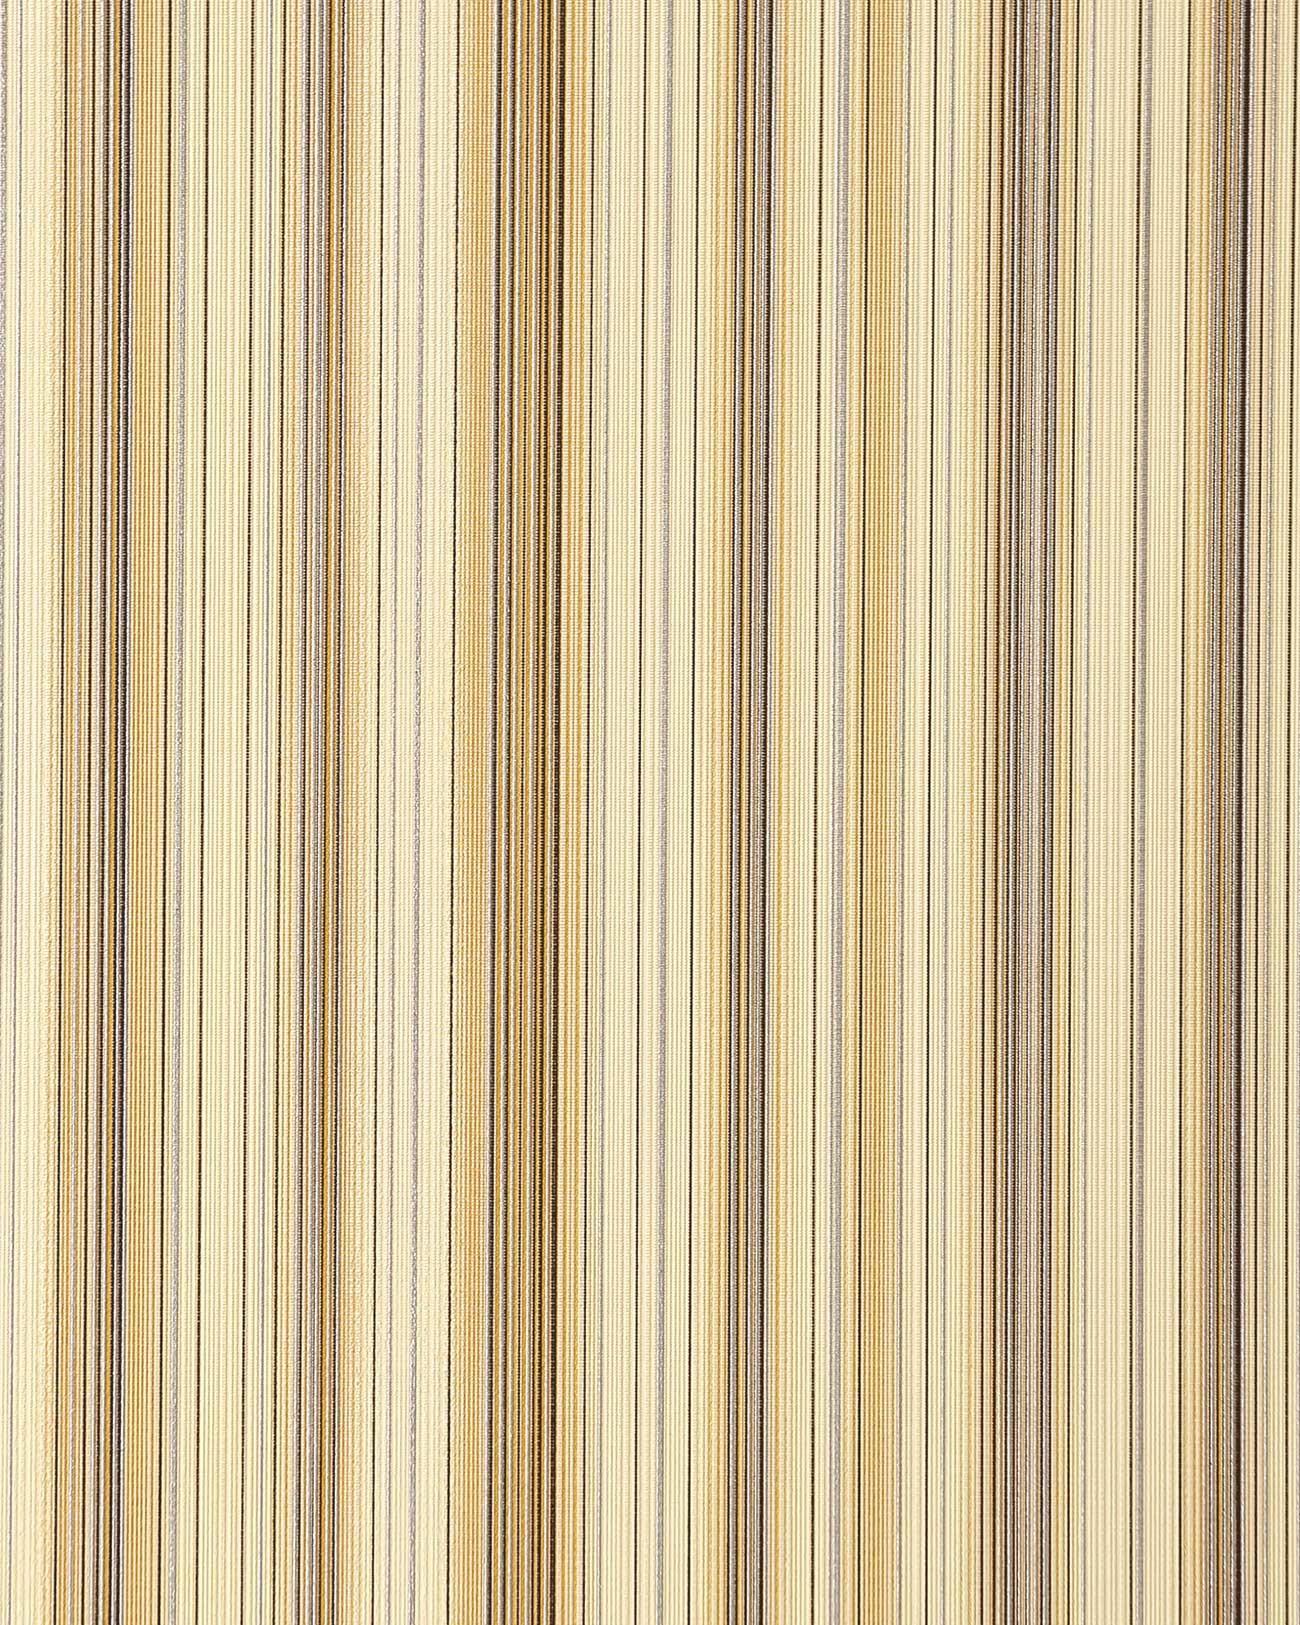 Papel pintado dise o a rayas suntuosas edem 097 21 moderno for Papel pintado marron chocolate